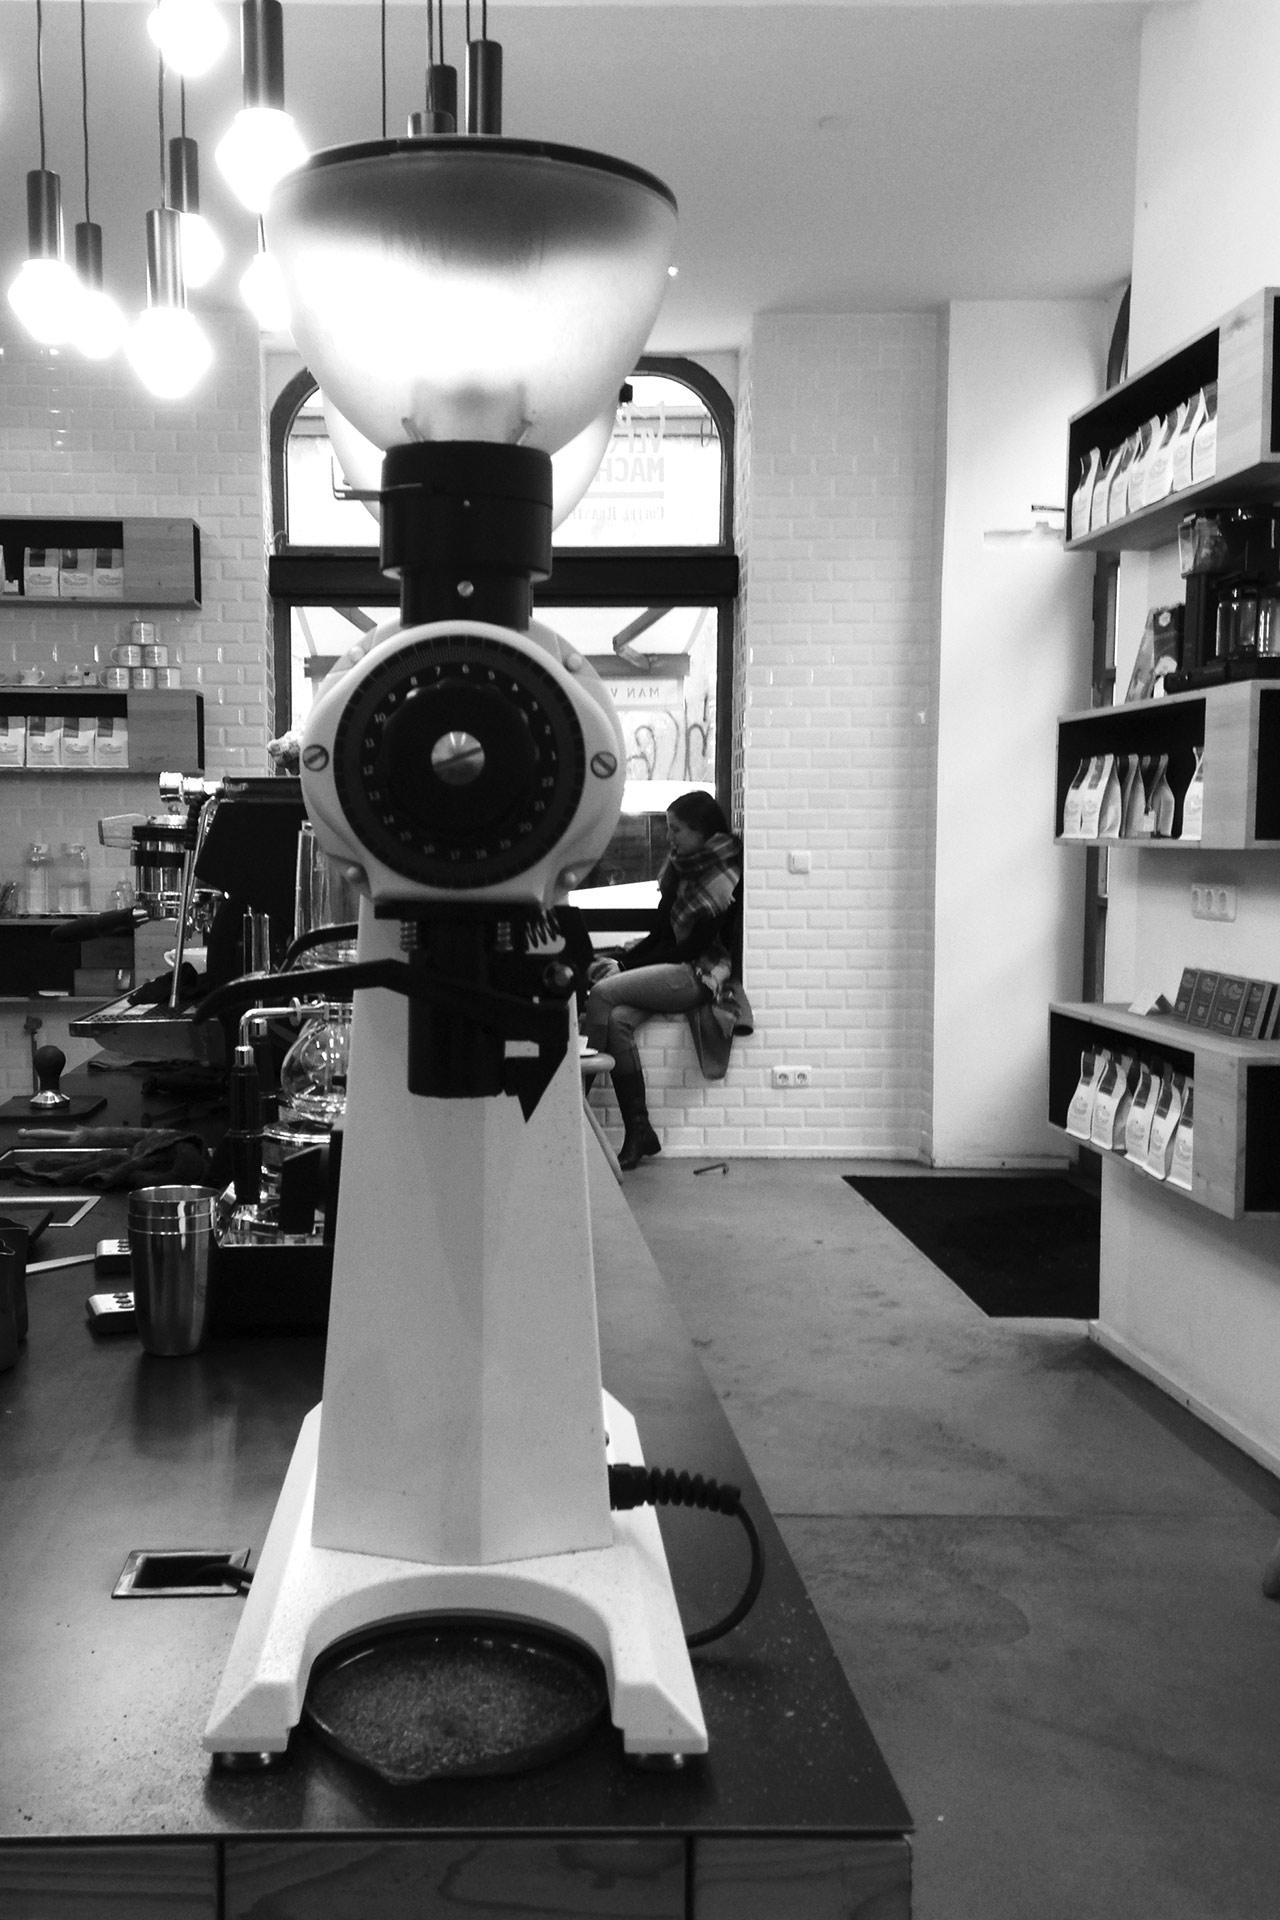 KOFFEIN IM BLUT: Ein Espresso ist Rennradkultur und macht Druck – Legendäre Kaffeemühle von Mahlkönig in der Café Rösterei MAN VERSUS MACHINE © stefandrexl.de